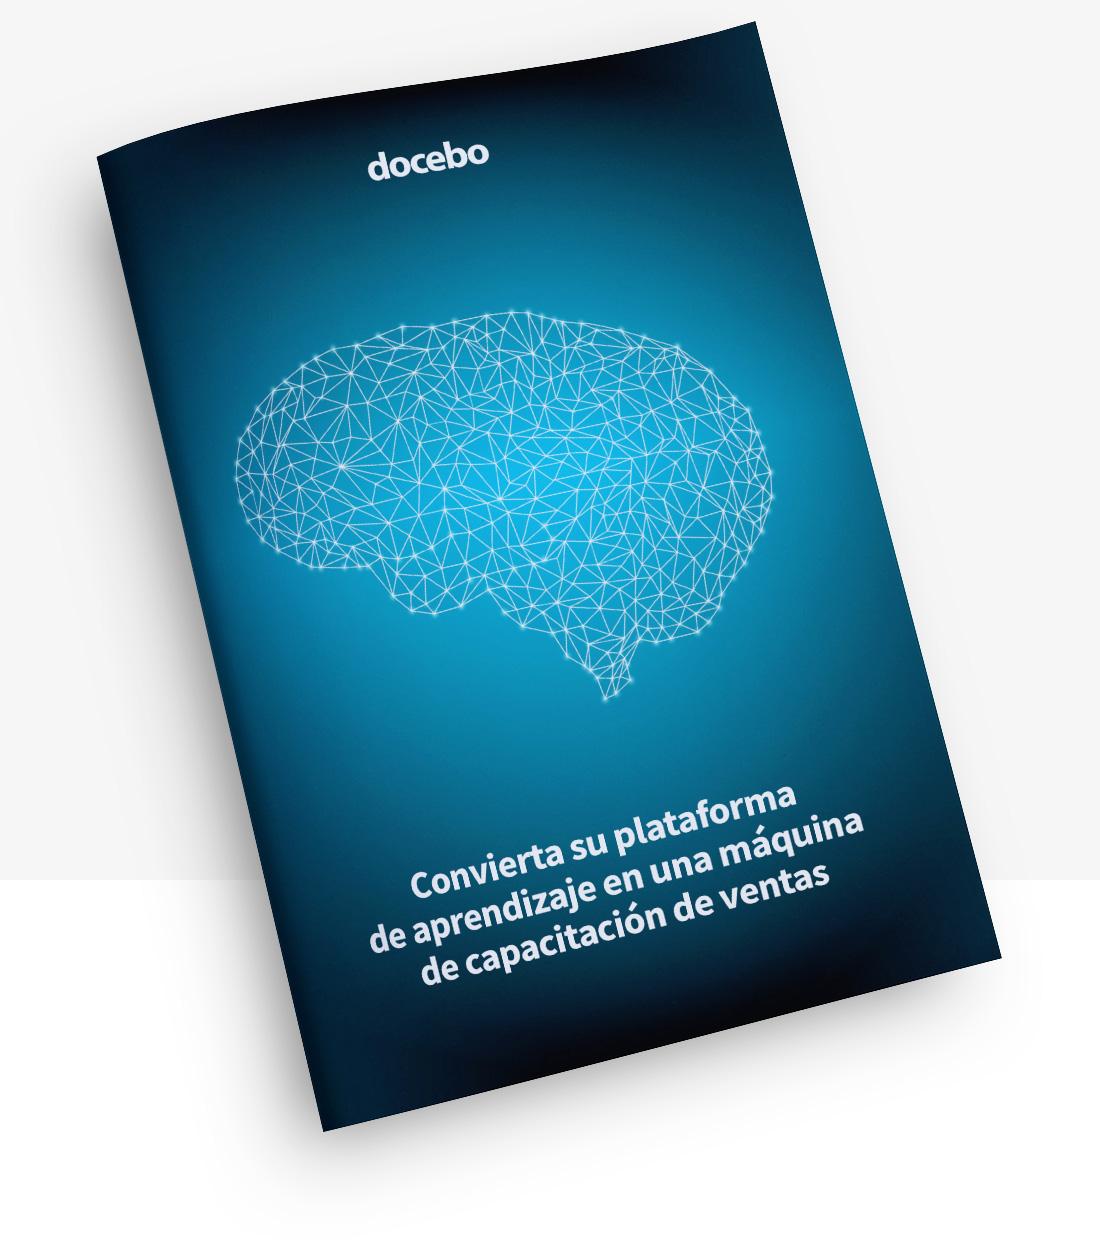 Libro Blanco – Convierta su plataforma de aprendizaje en una máquina de habilitación de ventas